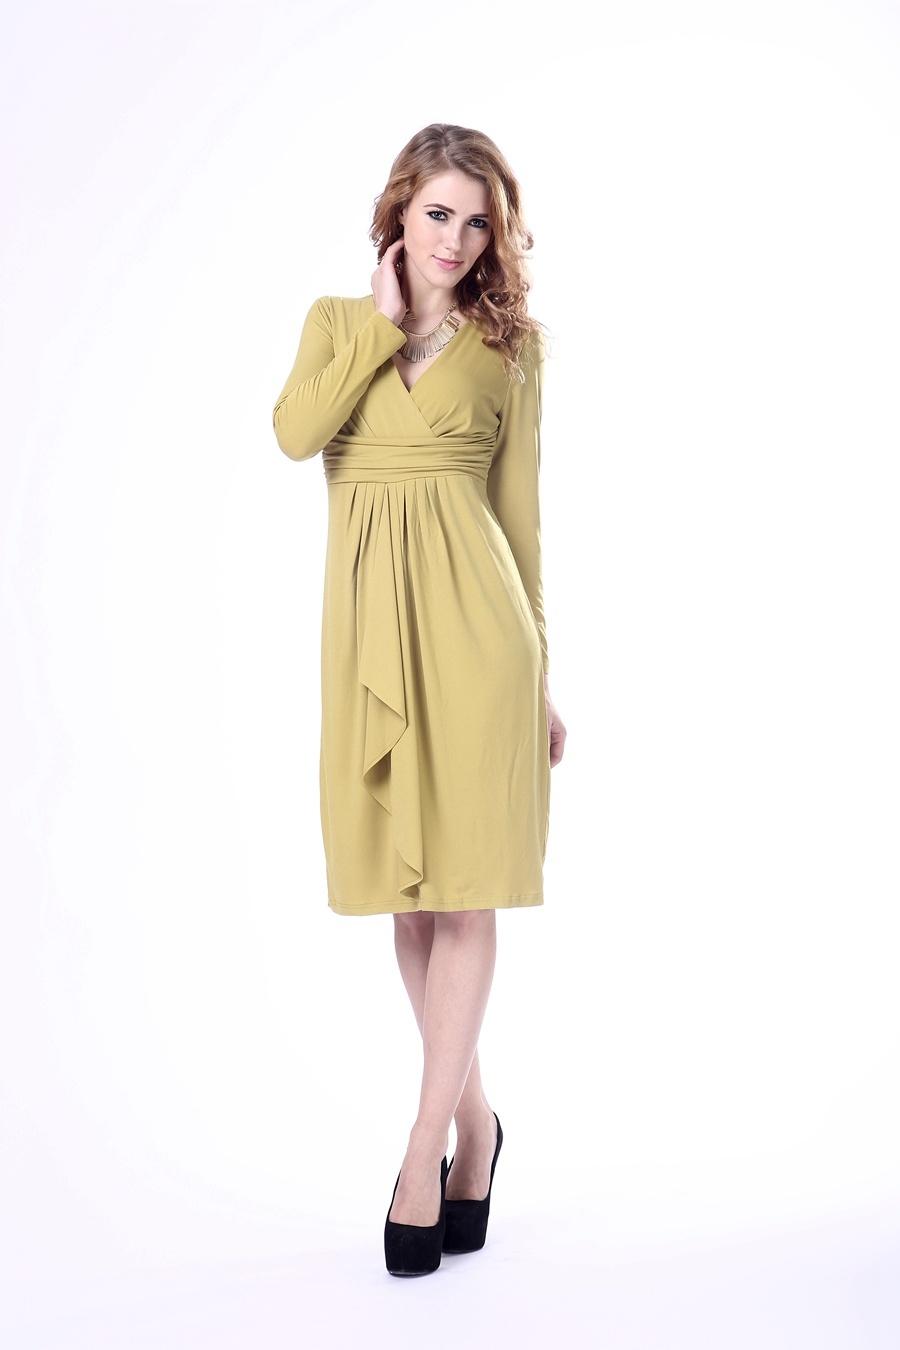 Lady Dress Long Sleeve Gentle Women Dress